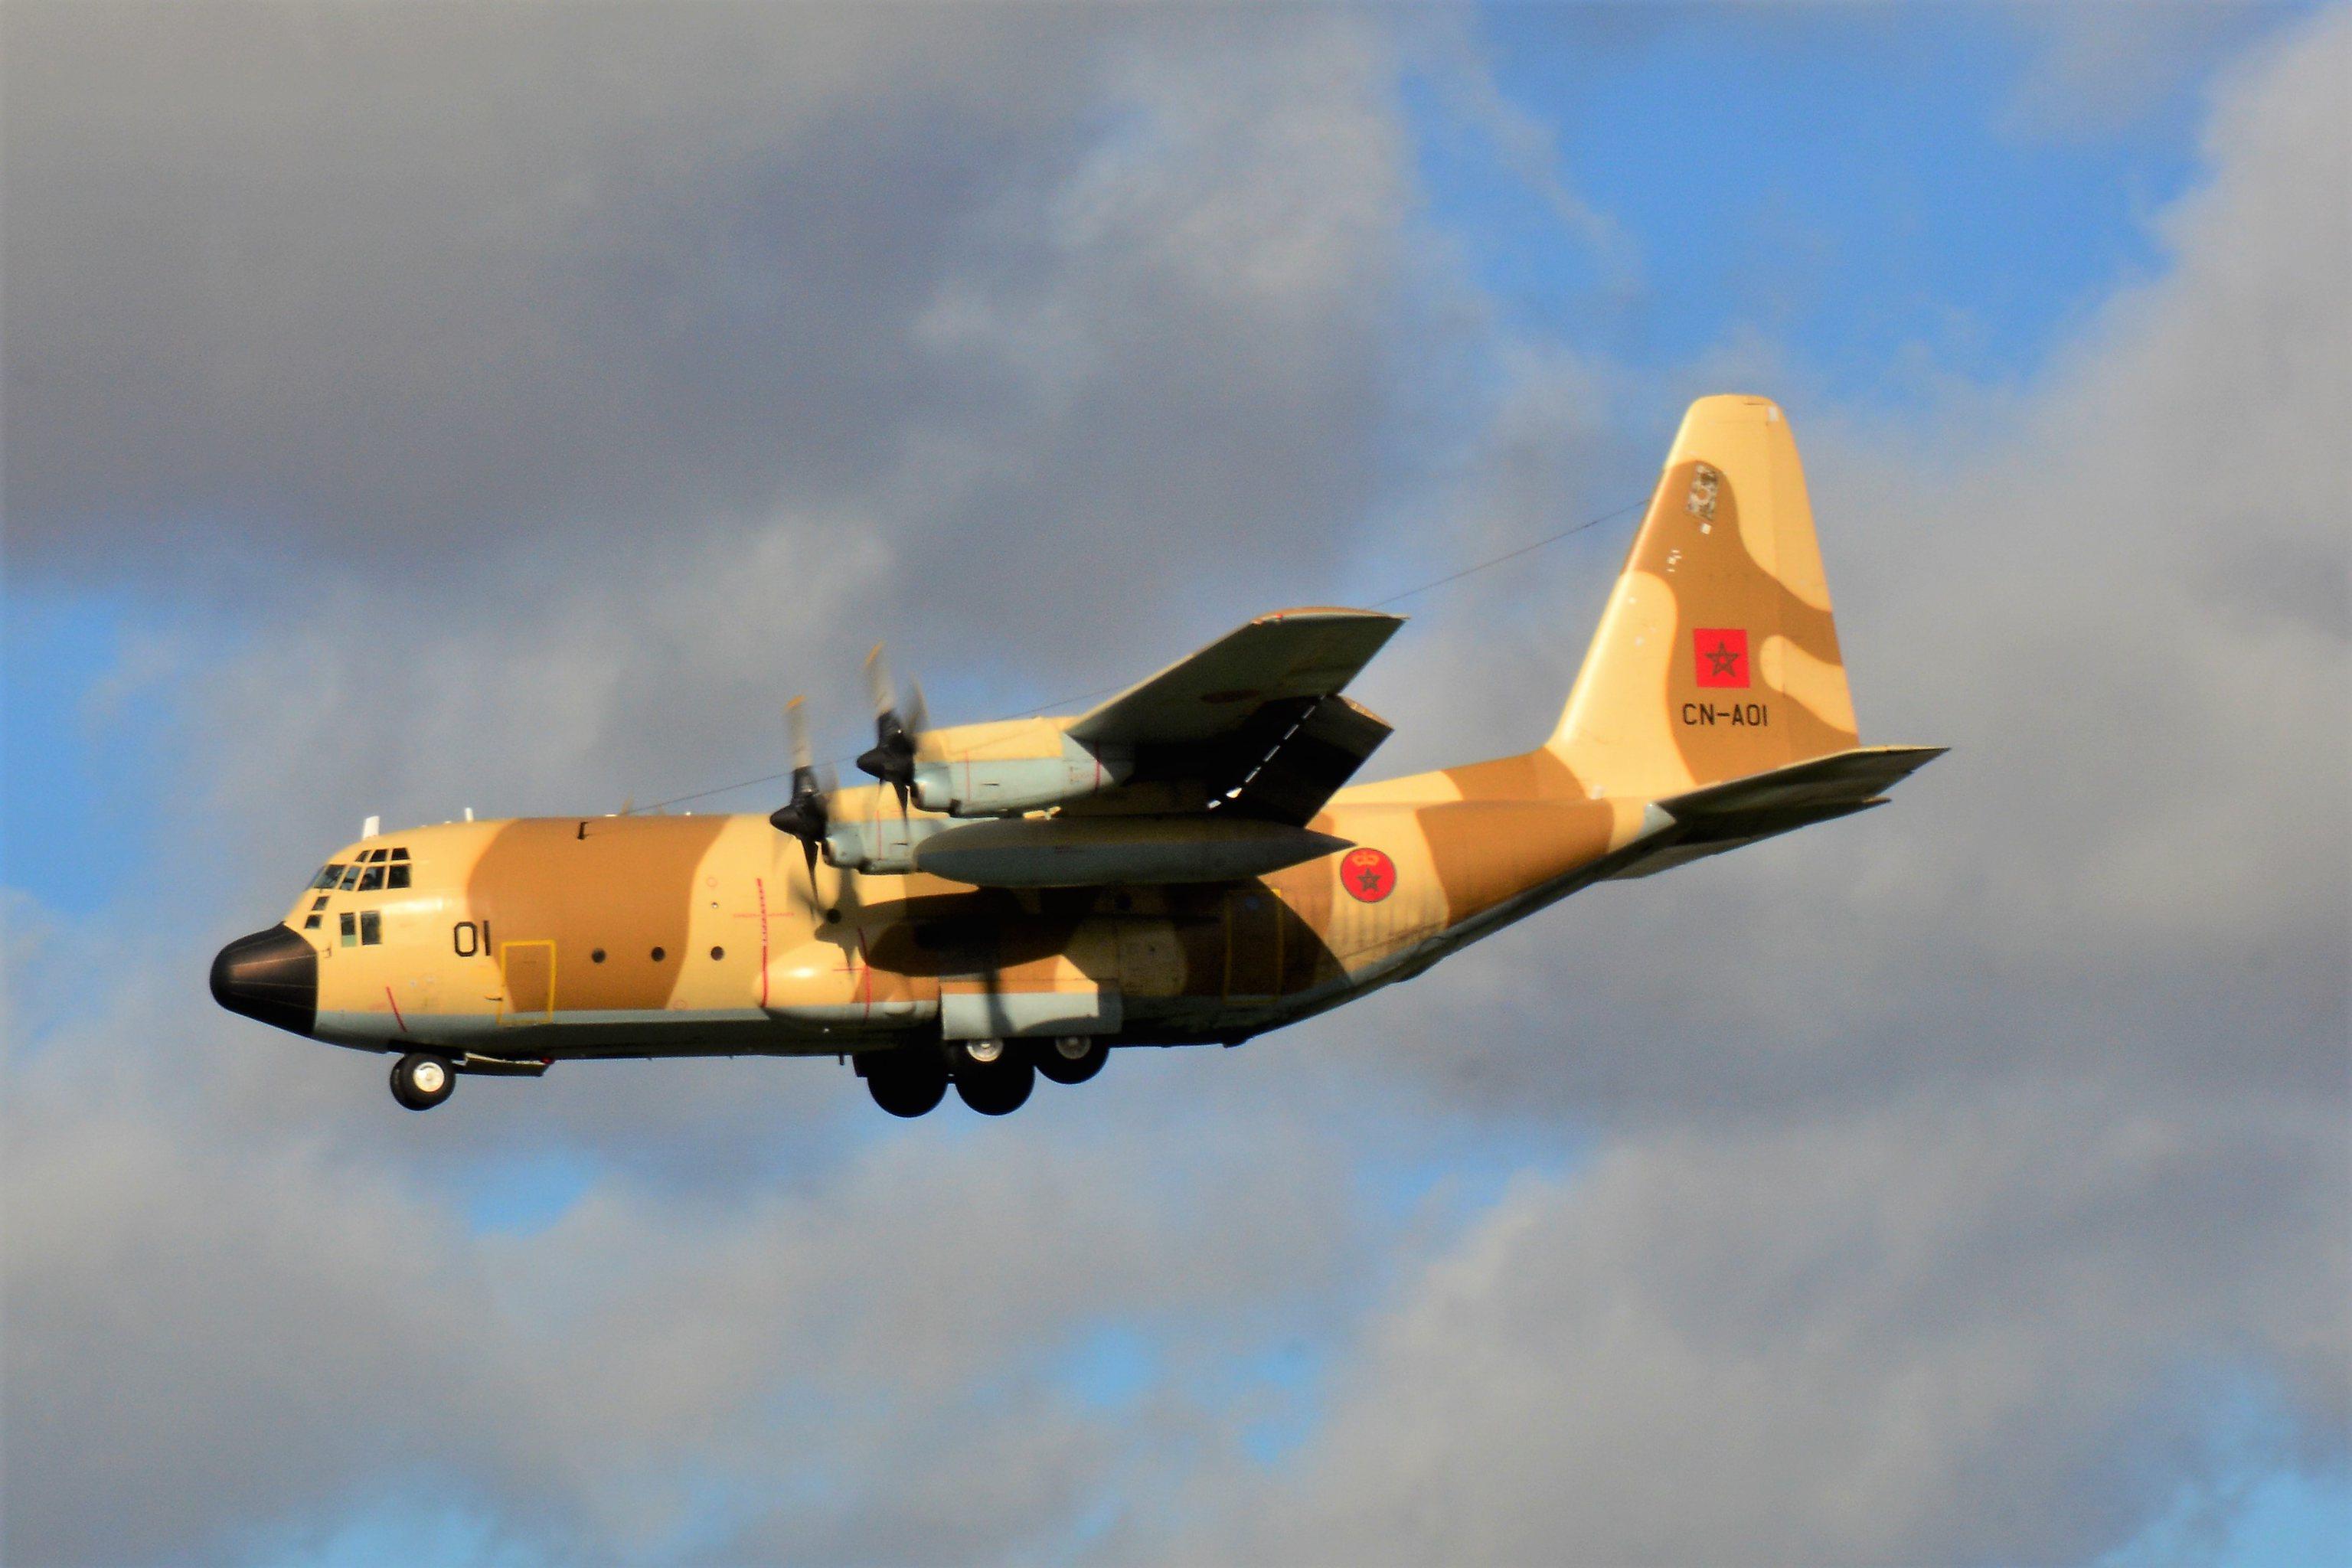 FRA: Photos d'avions de transport - Page 38 49032953336_f4241e1a00_3k